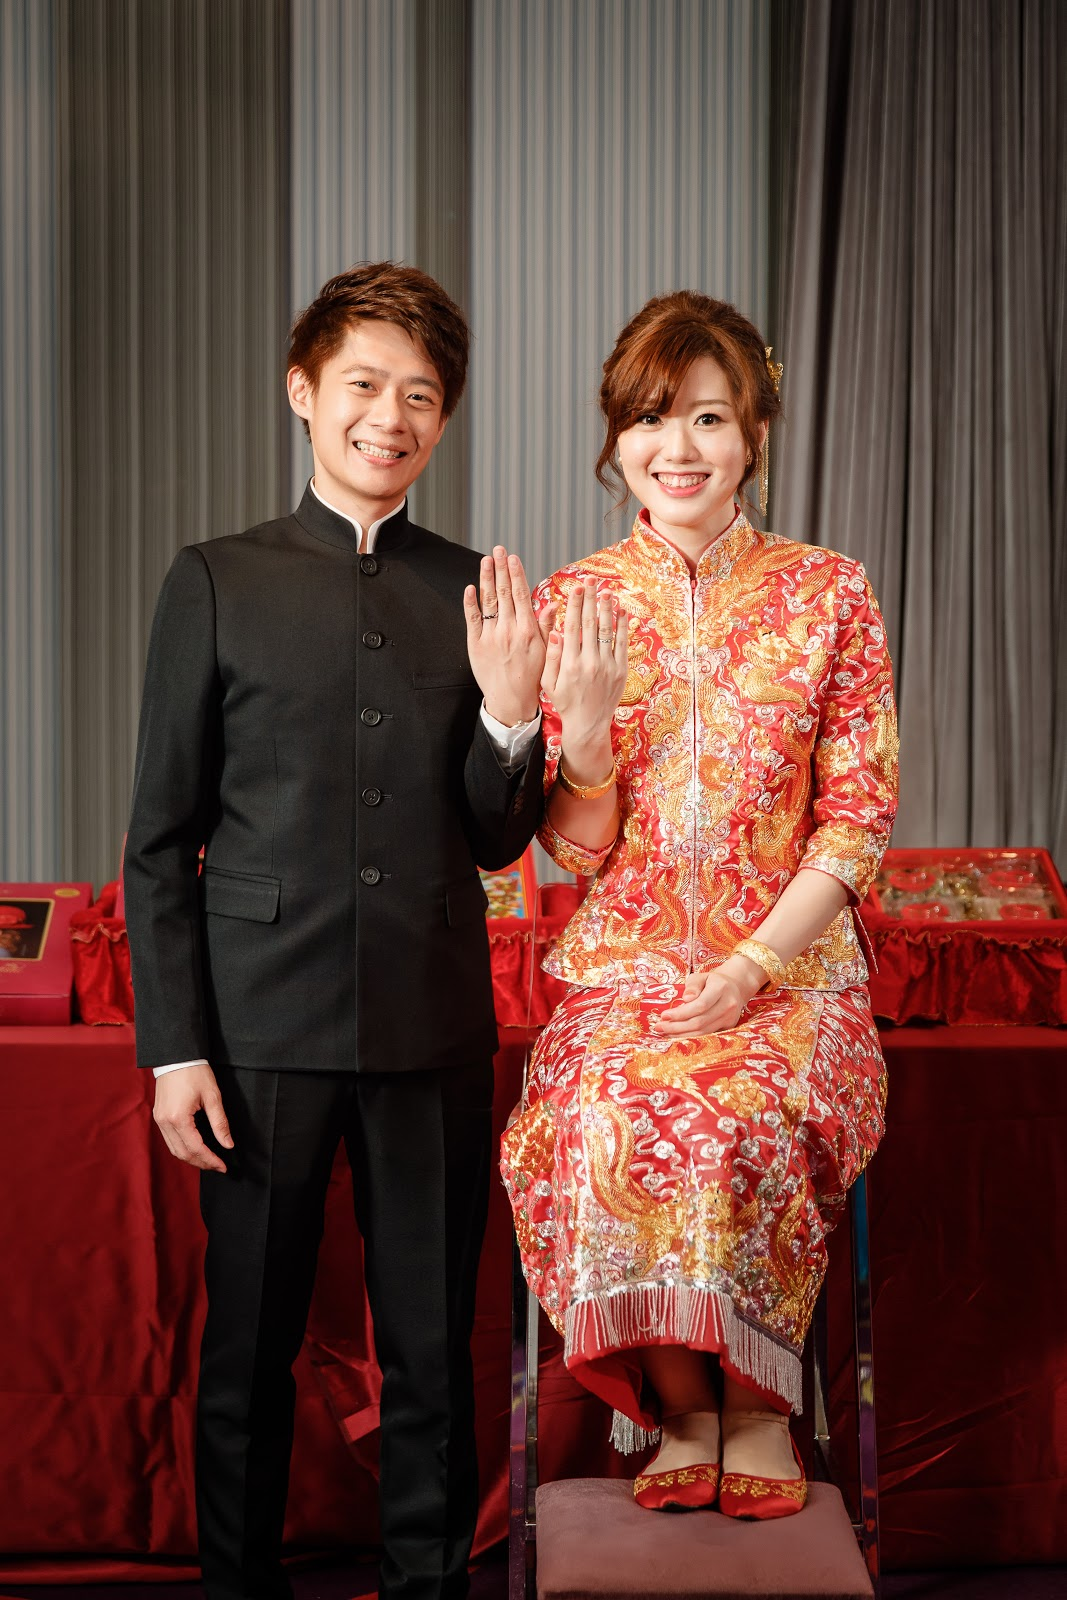 維多麗亞酒店, 維多麗亞酒店婚禮, 維多麗亞酒店婚禮, 婚攝, 台北婚攝, 桃園婚攝, 婚禮紀錄, 優質婚攝推薦, PTT婚攝推薦